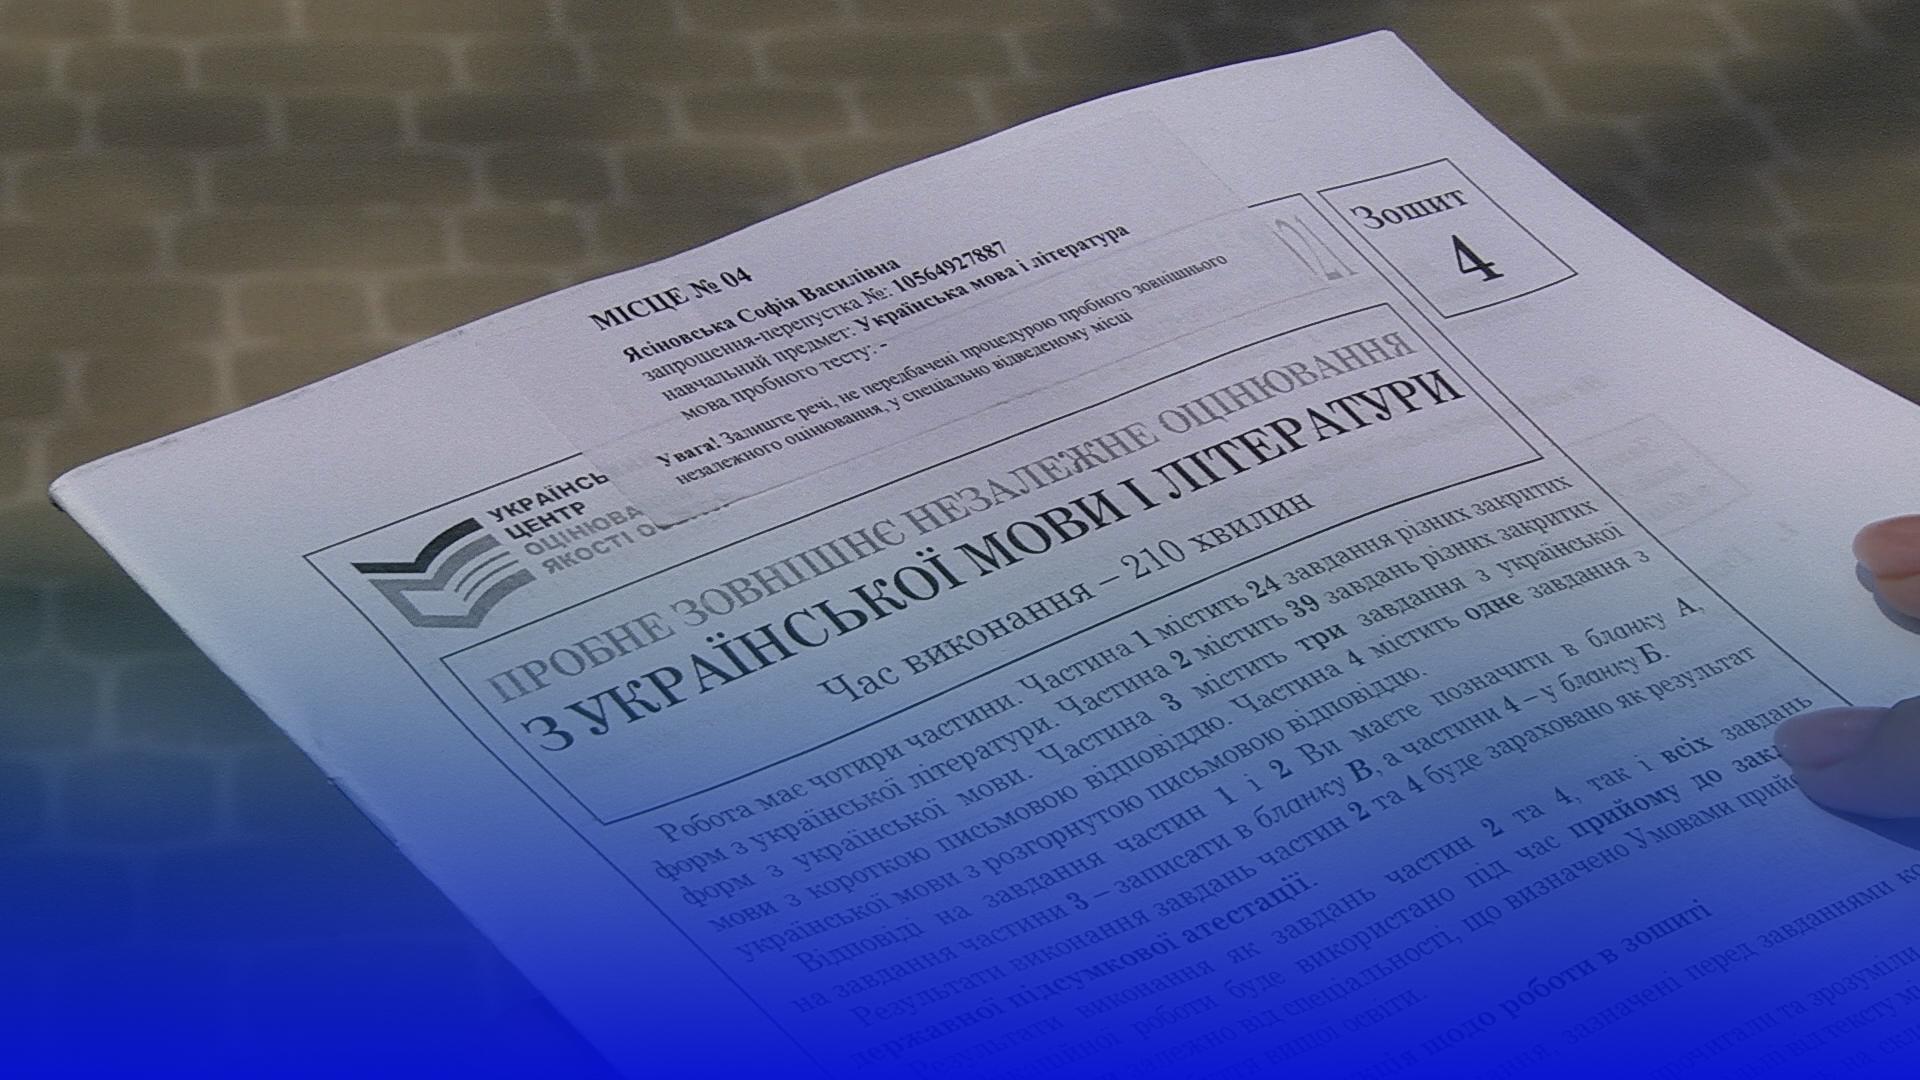 Тернопільський абітурієнти розповіли про пробне тестування і як готуються до ЗНО у соцмережах